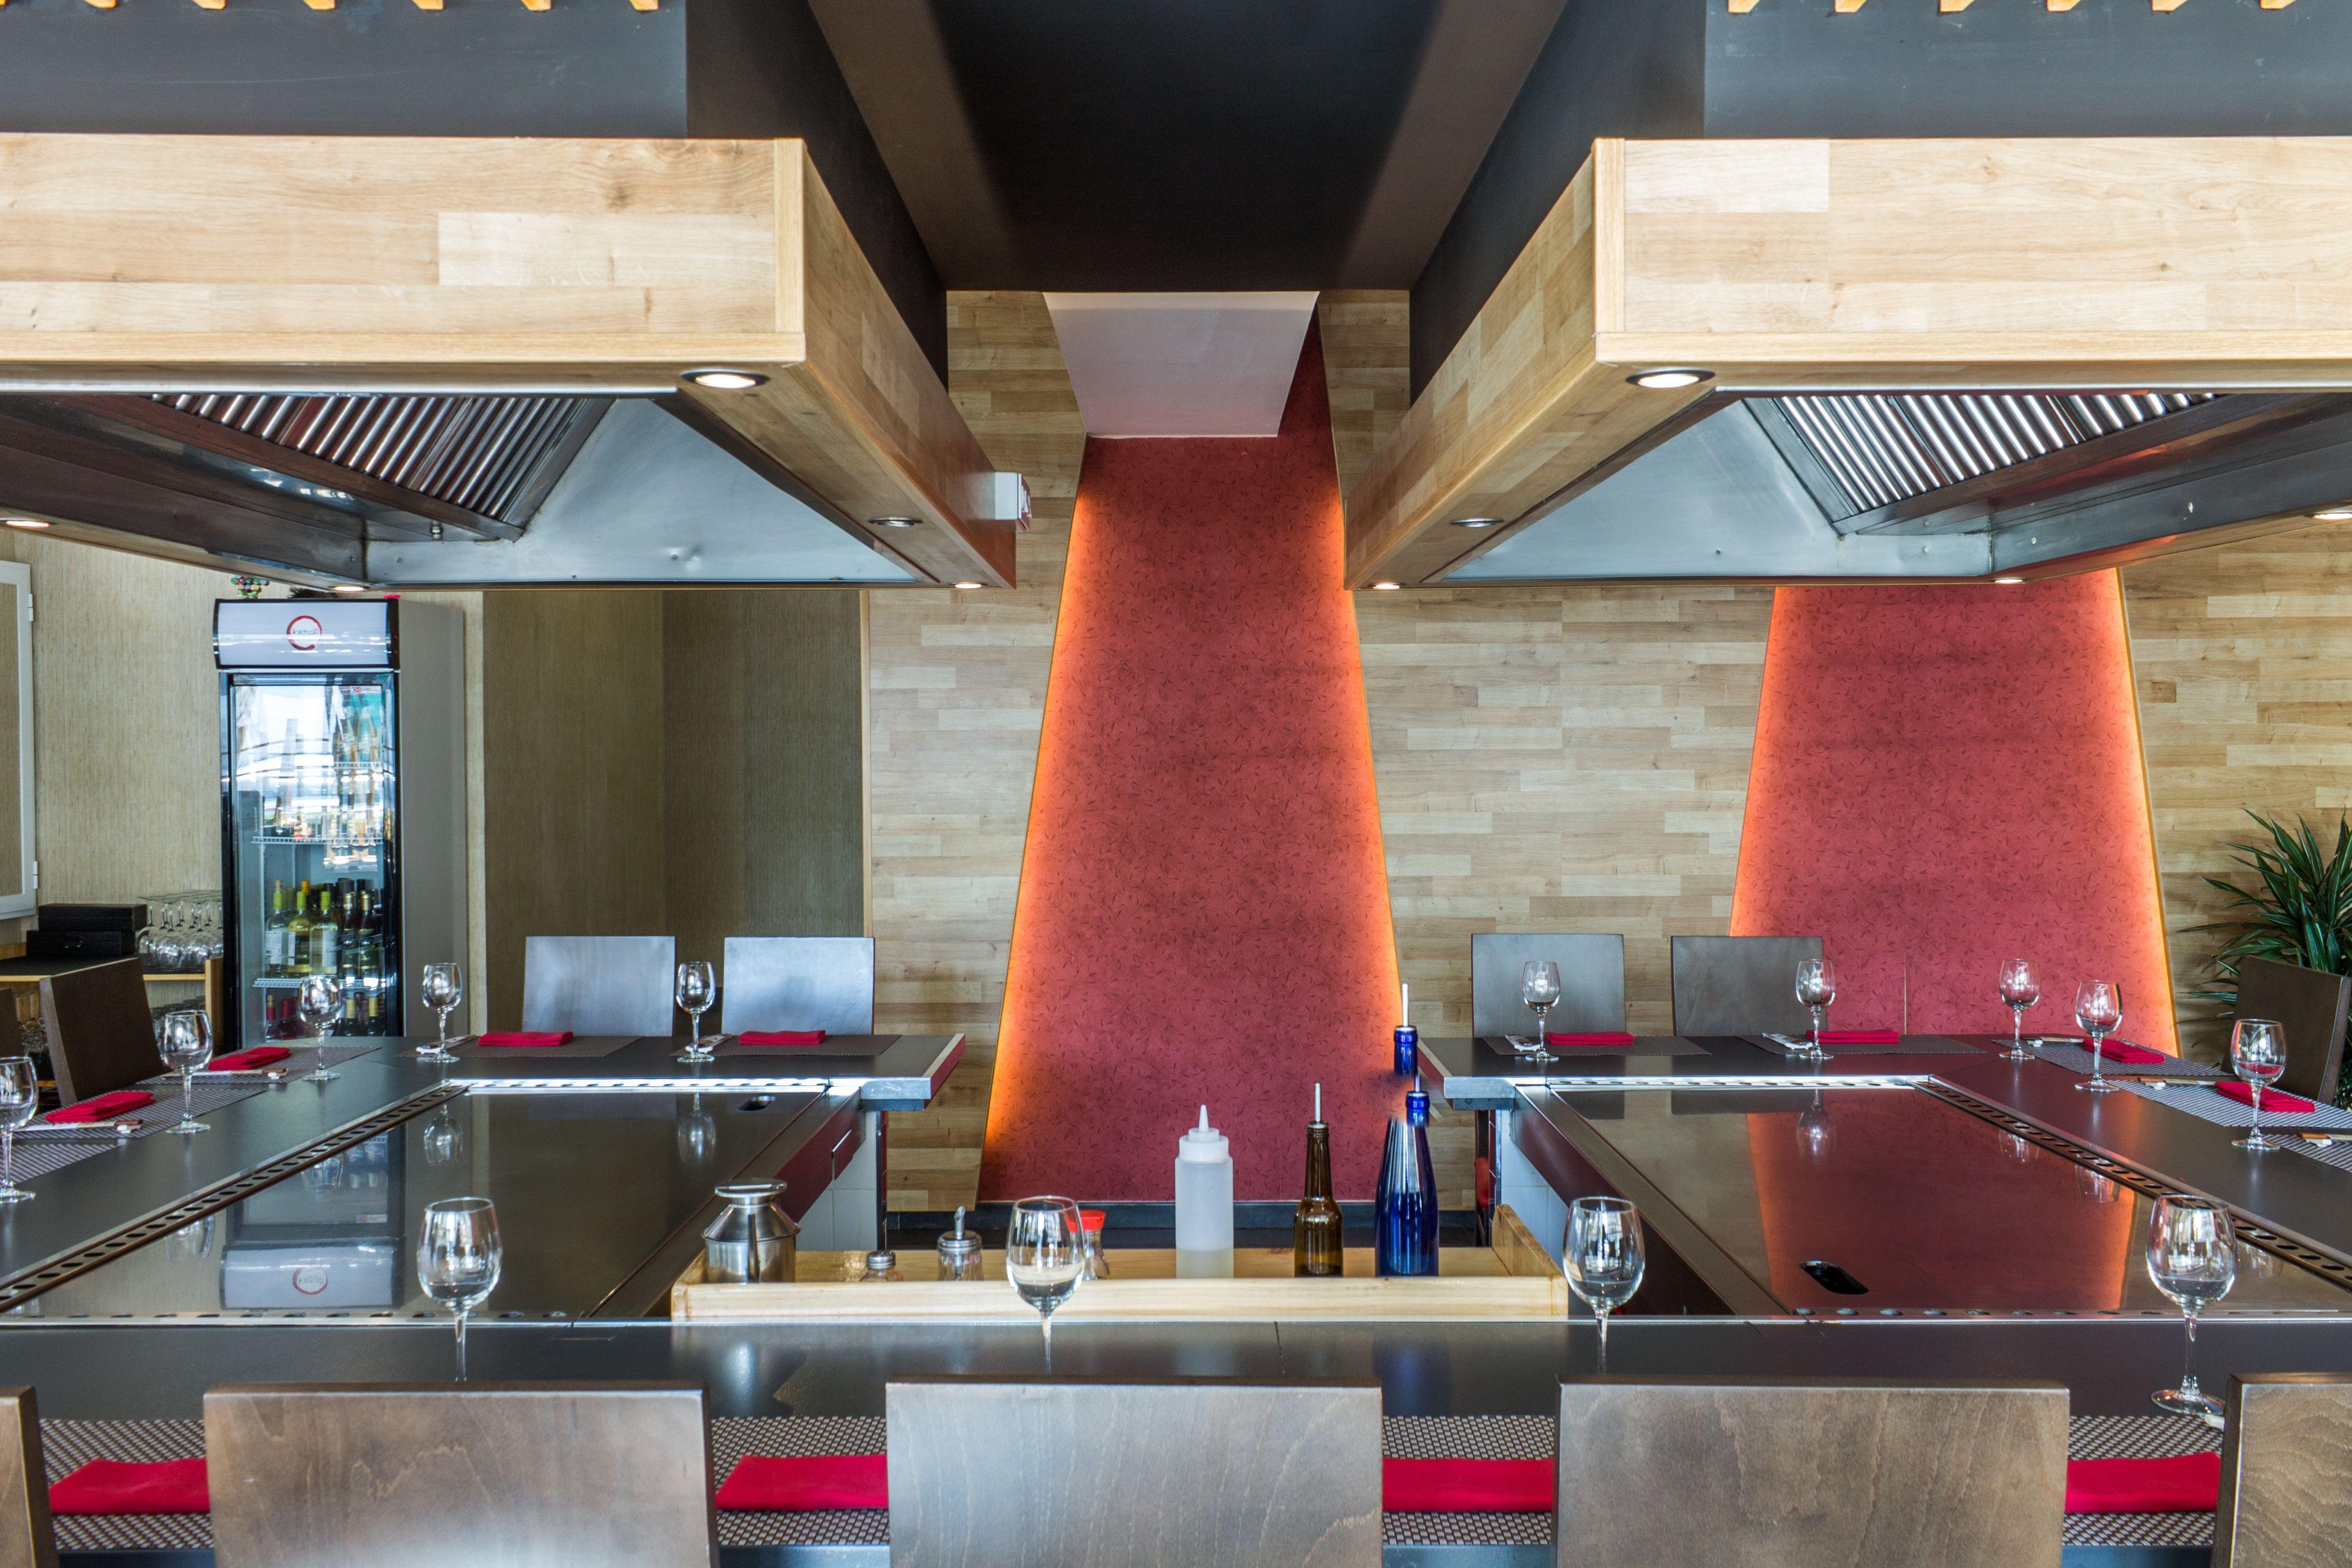 Foto 4 de Cocina japonesa en Fuengirola | Restaurante Teppanyaki Kazuki